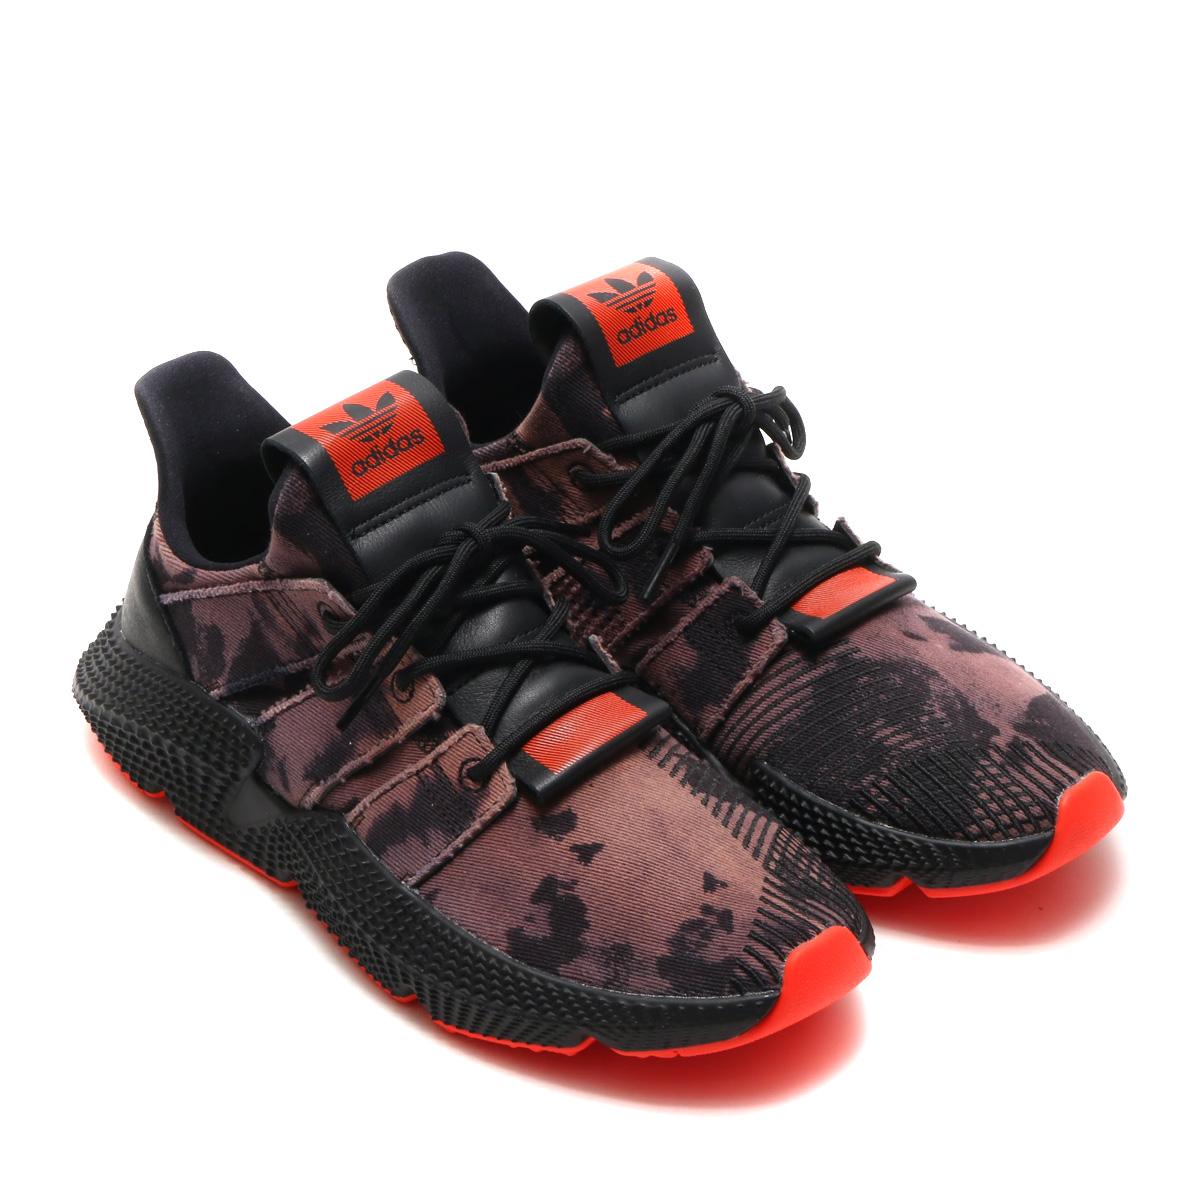 無料発送 adidas Red18SP-S Black/Core Originals PROPHERE(アディダス プロフィア) オリジナルス プロフィア) Core Black/Core Black/Solar Red18SP-S, トミヤマチ:6fcb5585 --- blablagames.net